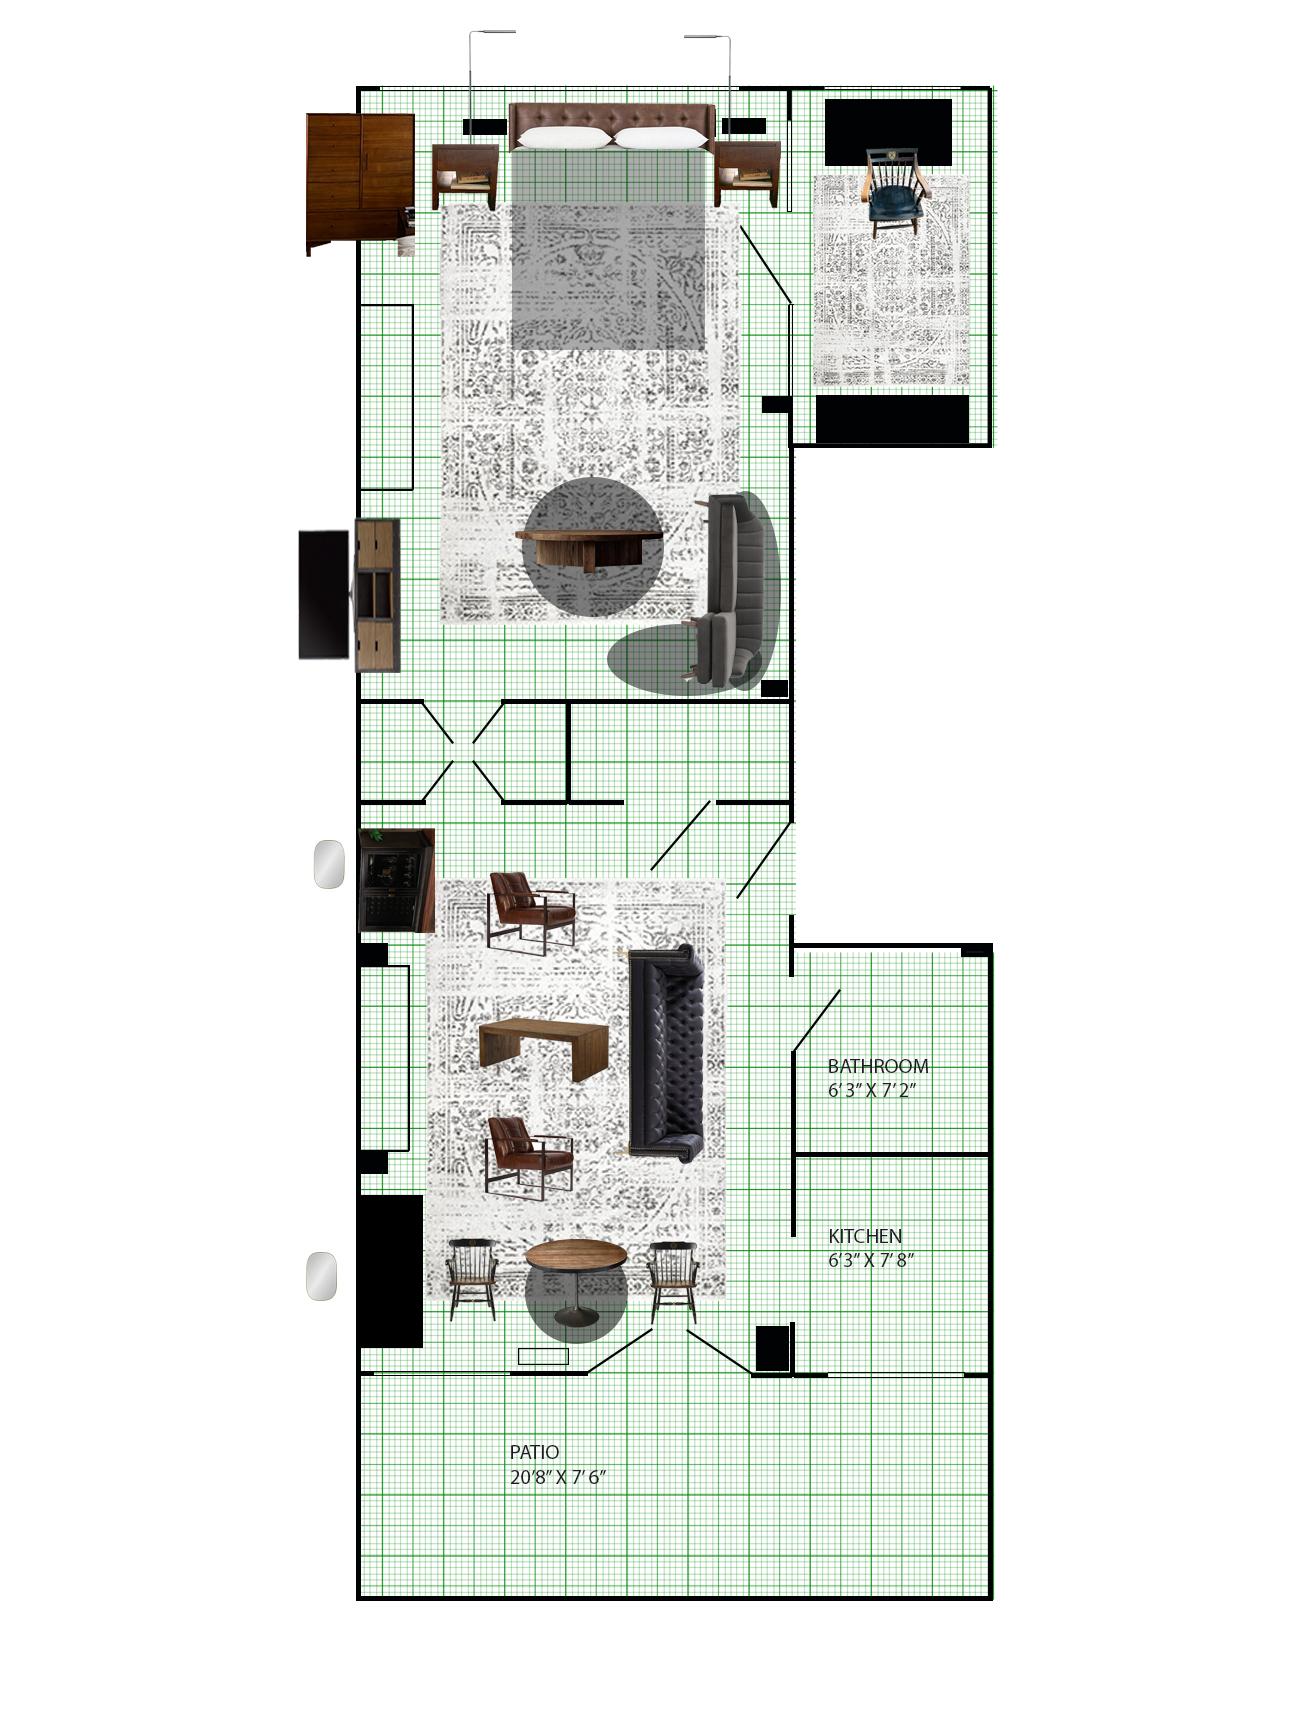 Todd Floor Plan recent.jpg